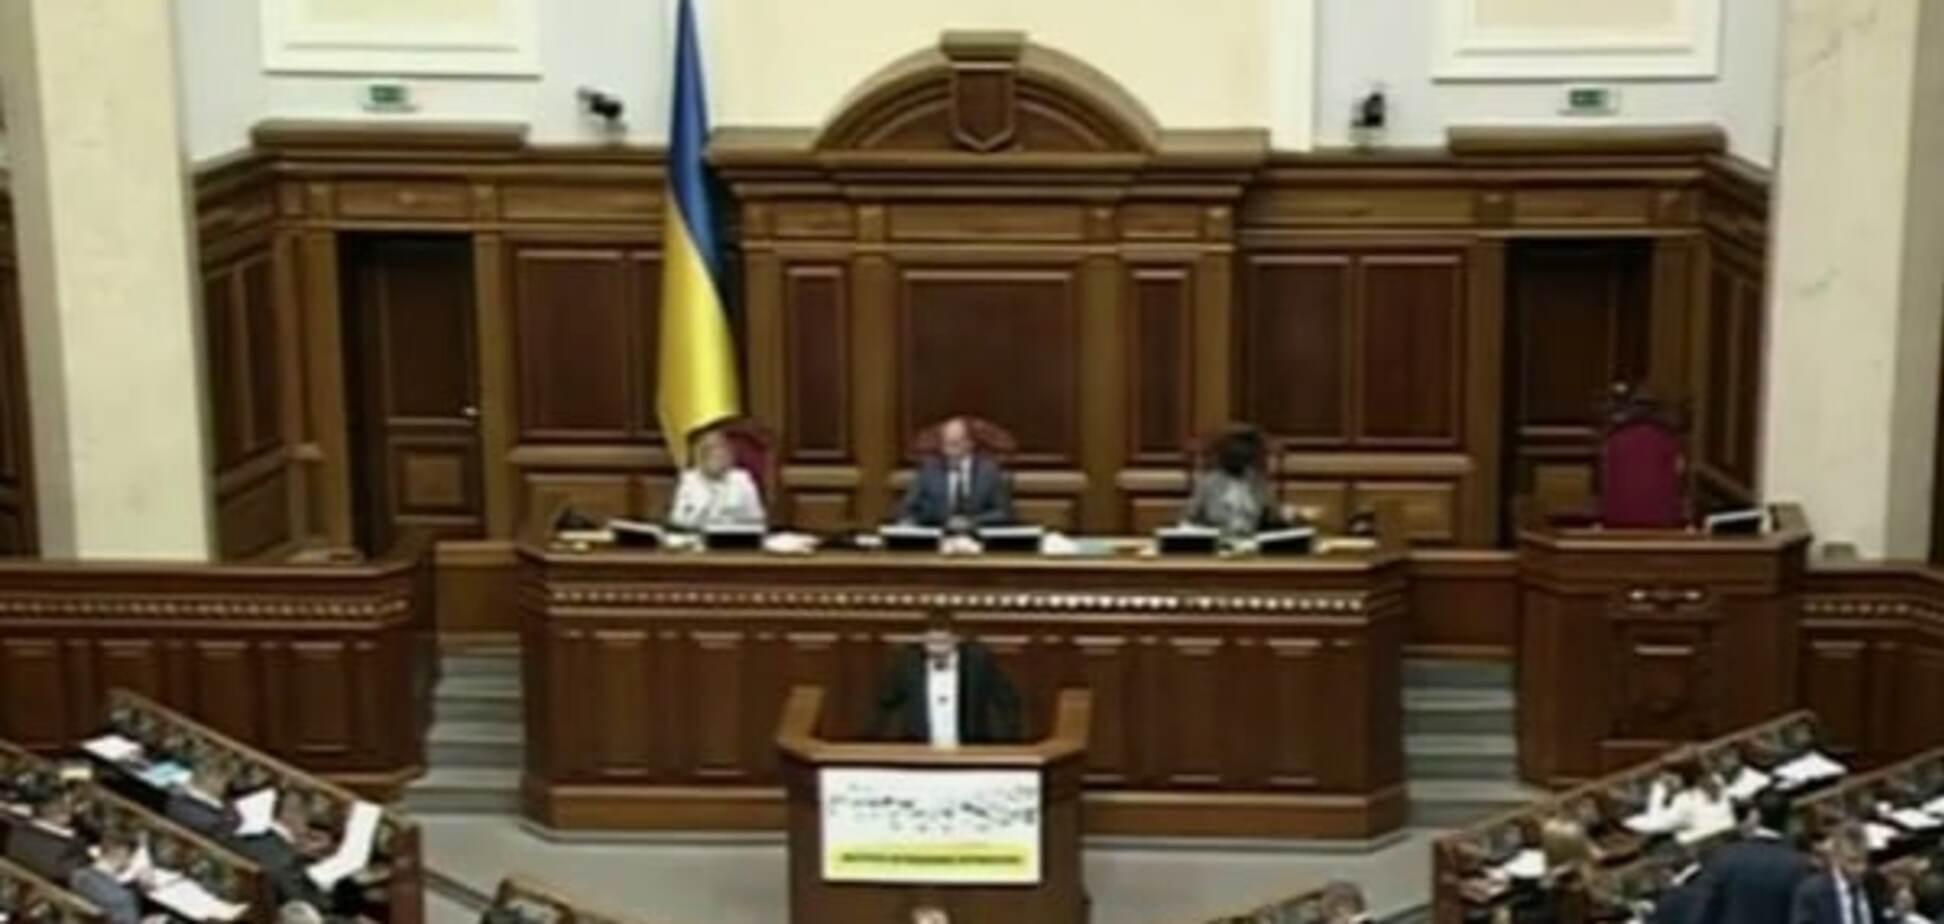 'Триста п'ятдесят сім': Рада розпочала засідання двома хвилинами мовчання